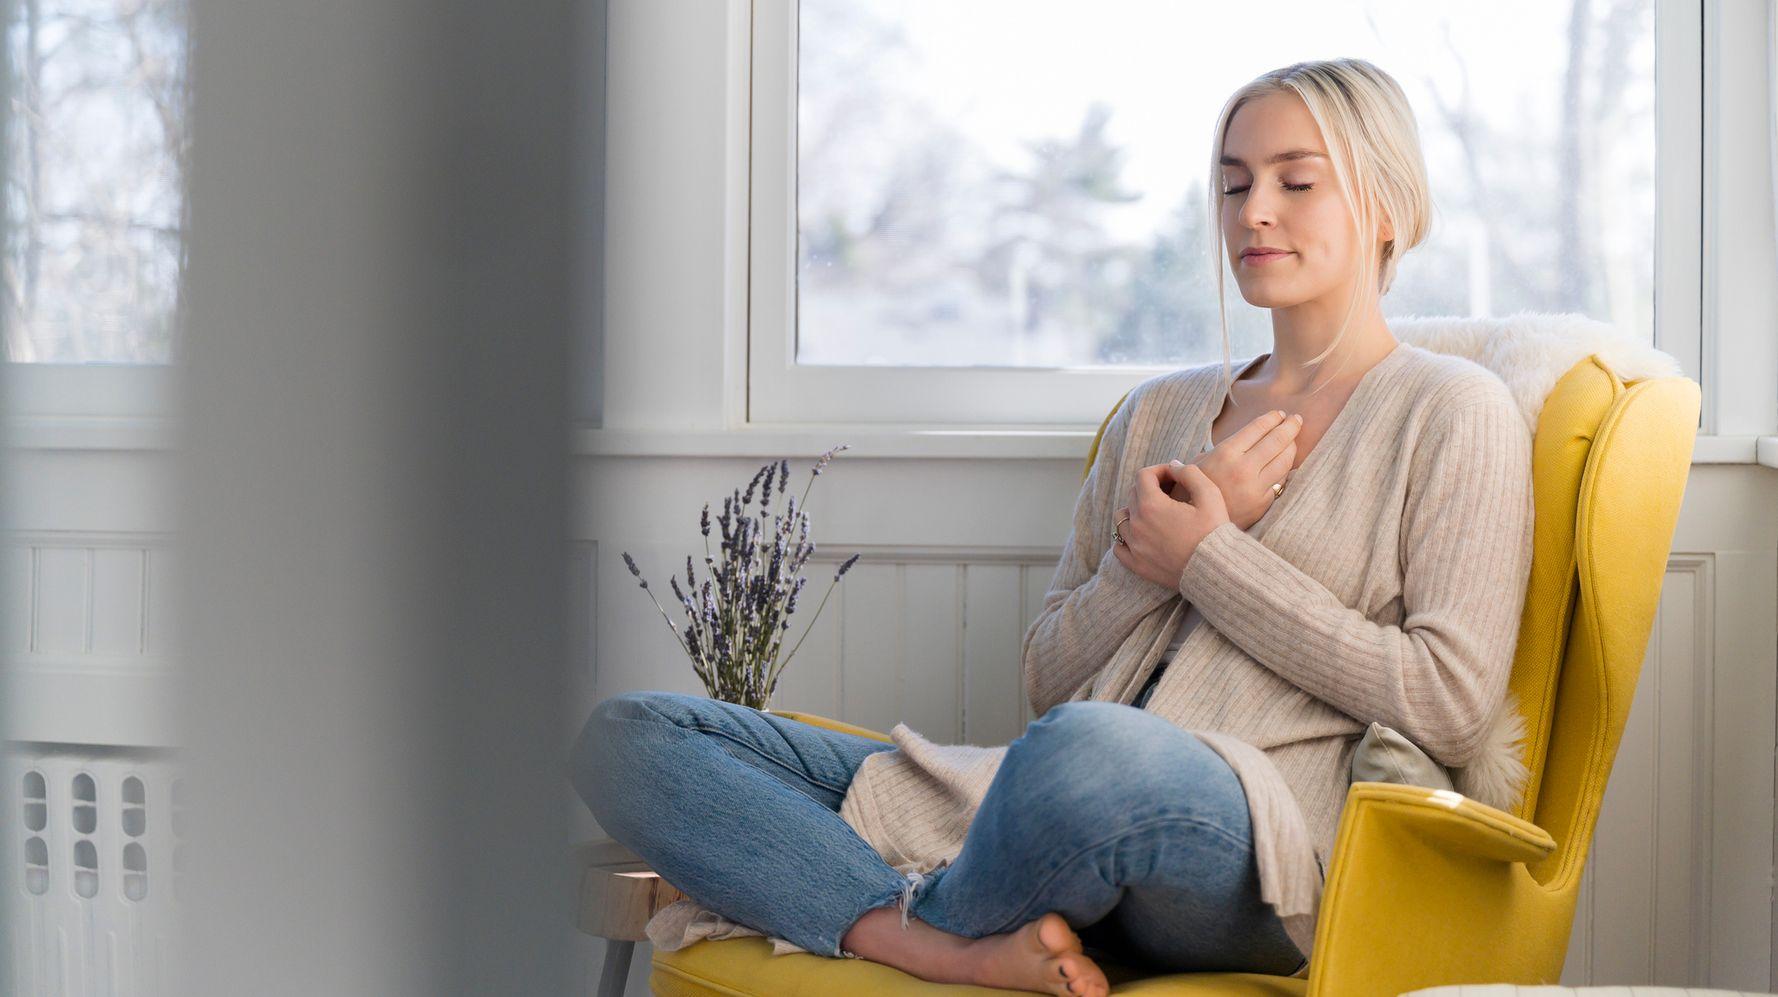 Vous vous sentez enfermé chez vous? La méditation peut vous aider à vous déconfiner